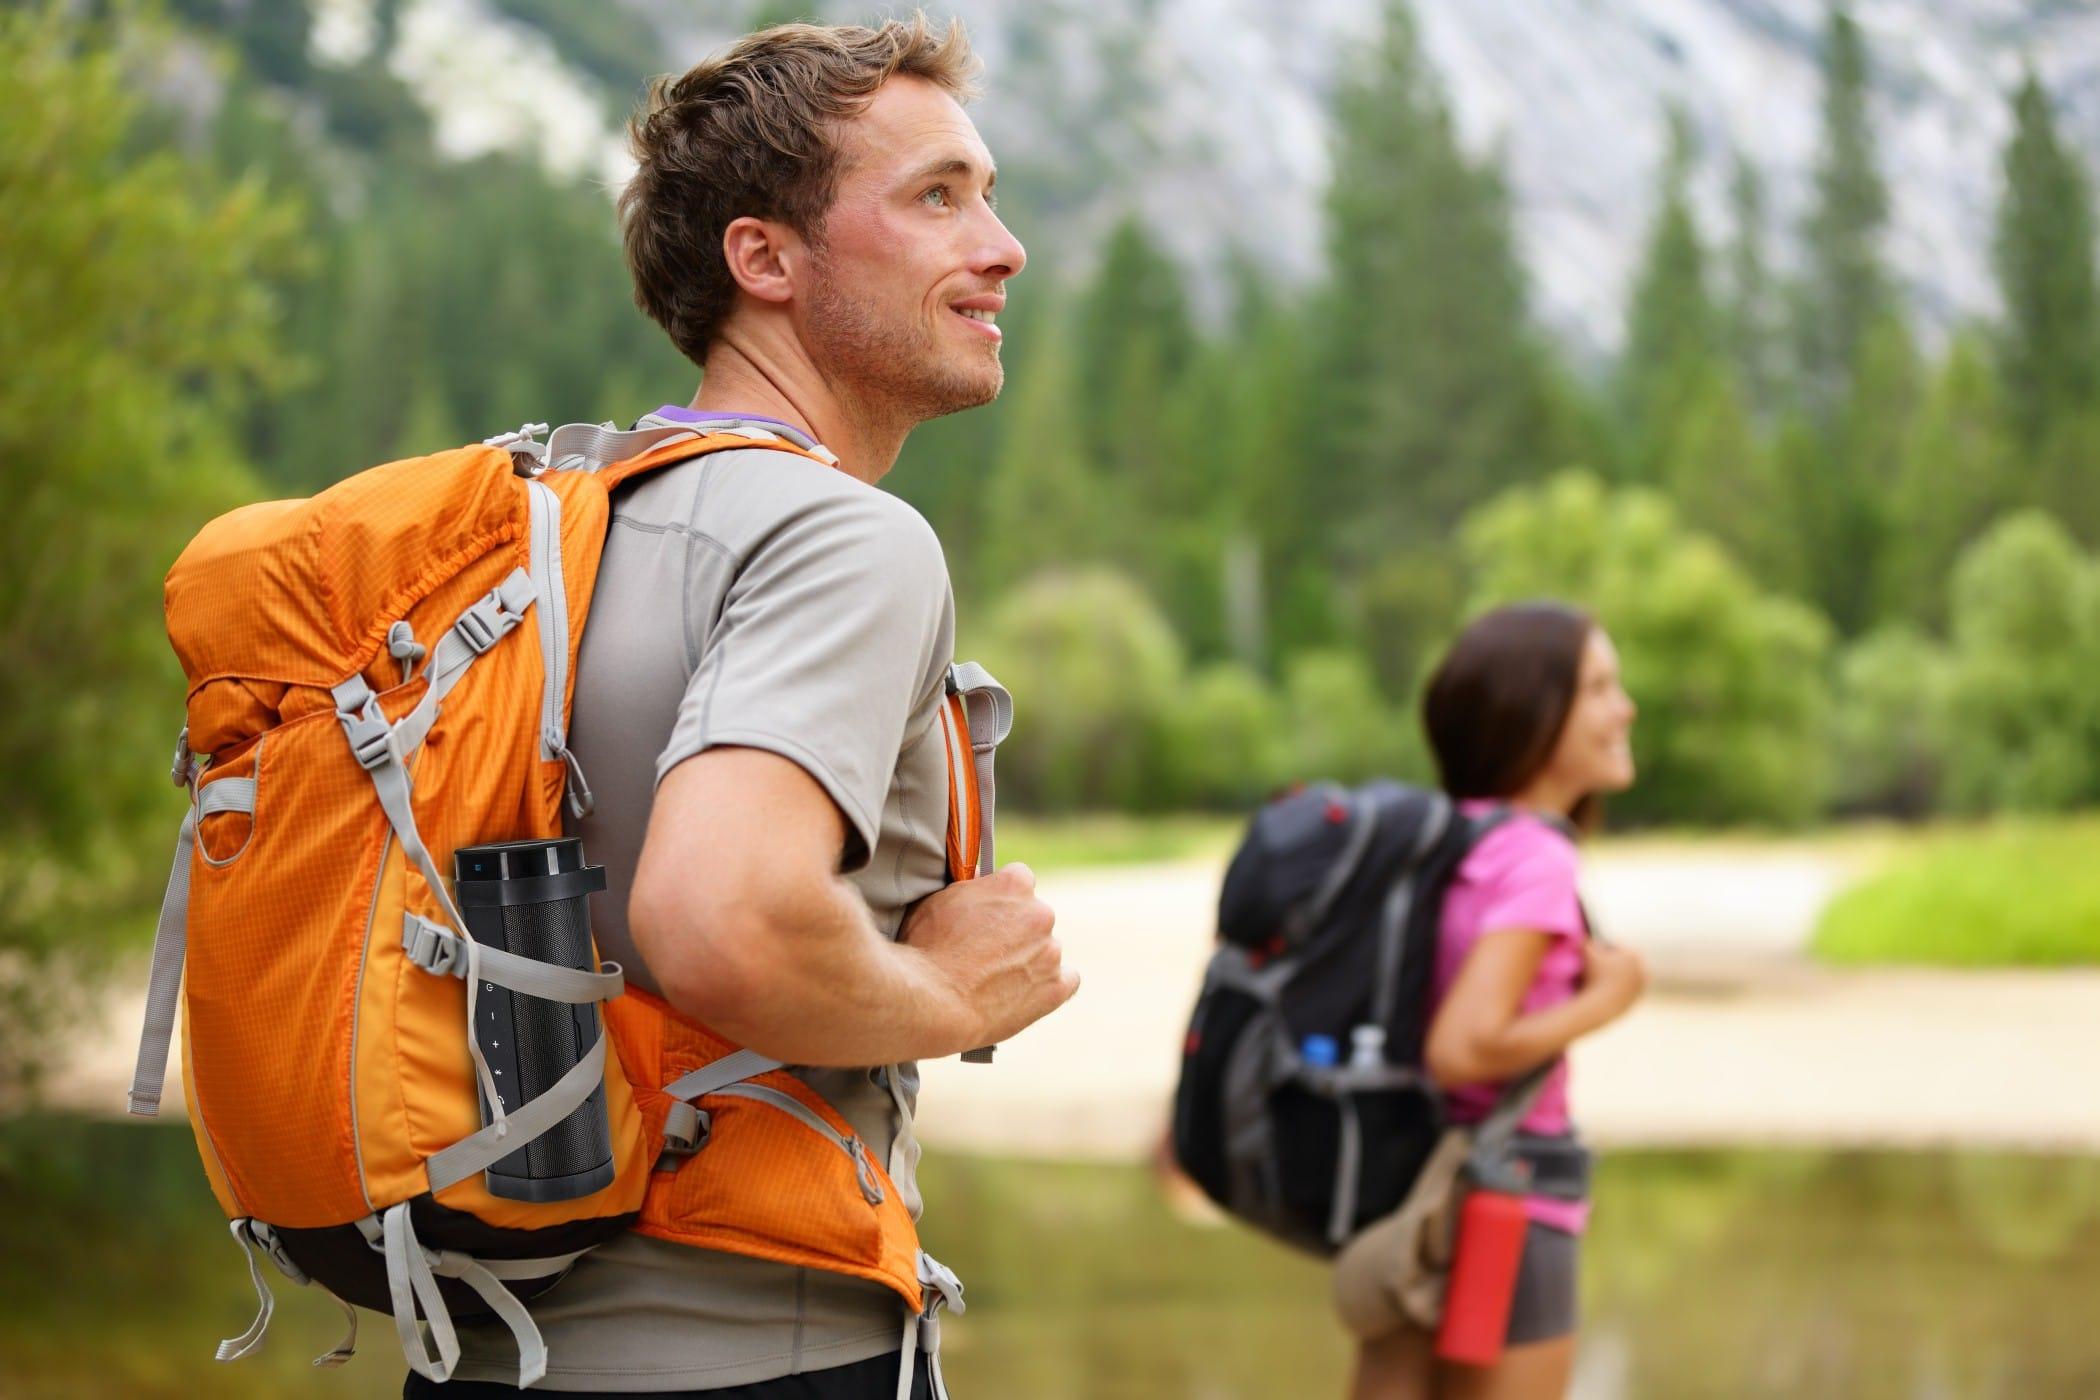 TDK_A28_62190_TREK_Flex_hiking_lifestyle